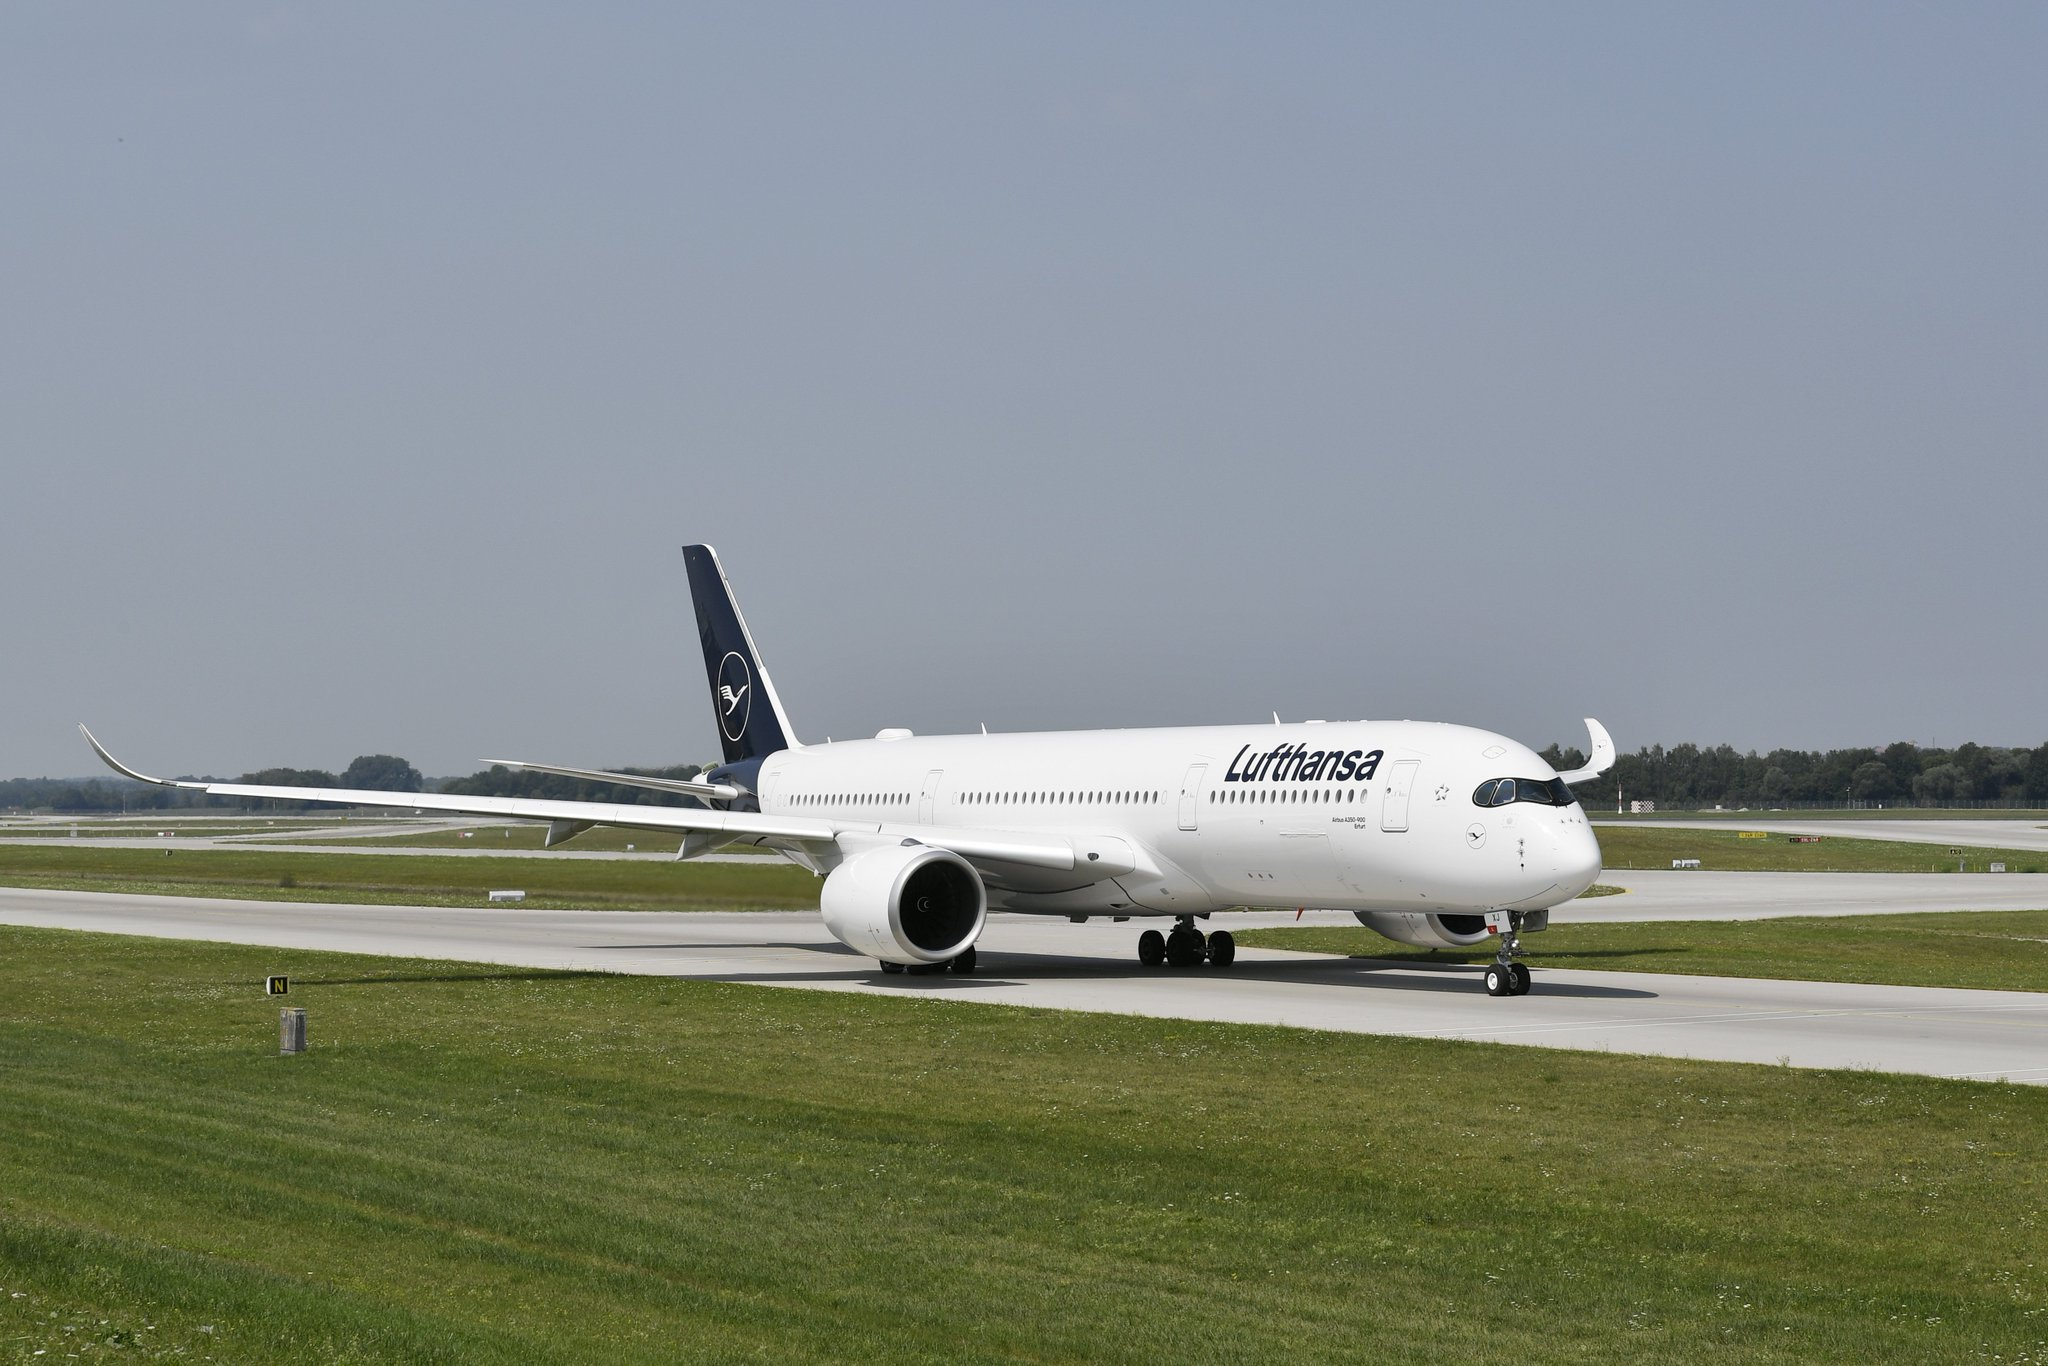 Lufthansa destaca experiência 10 estrelas na rota SP-Munique